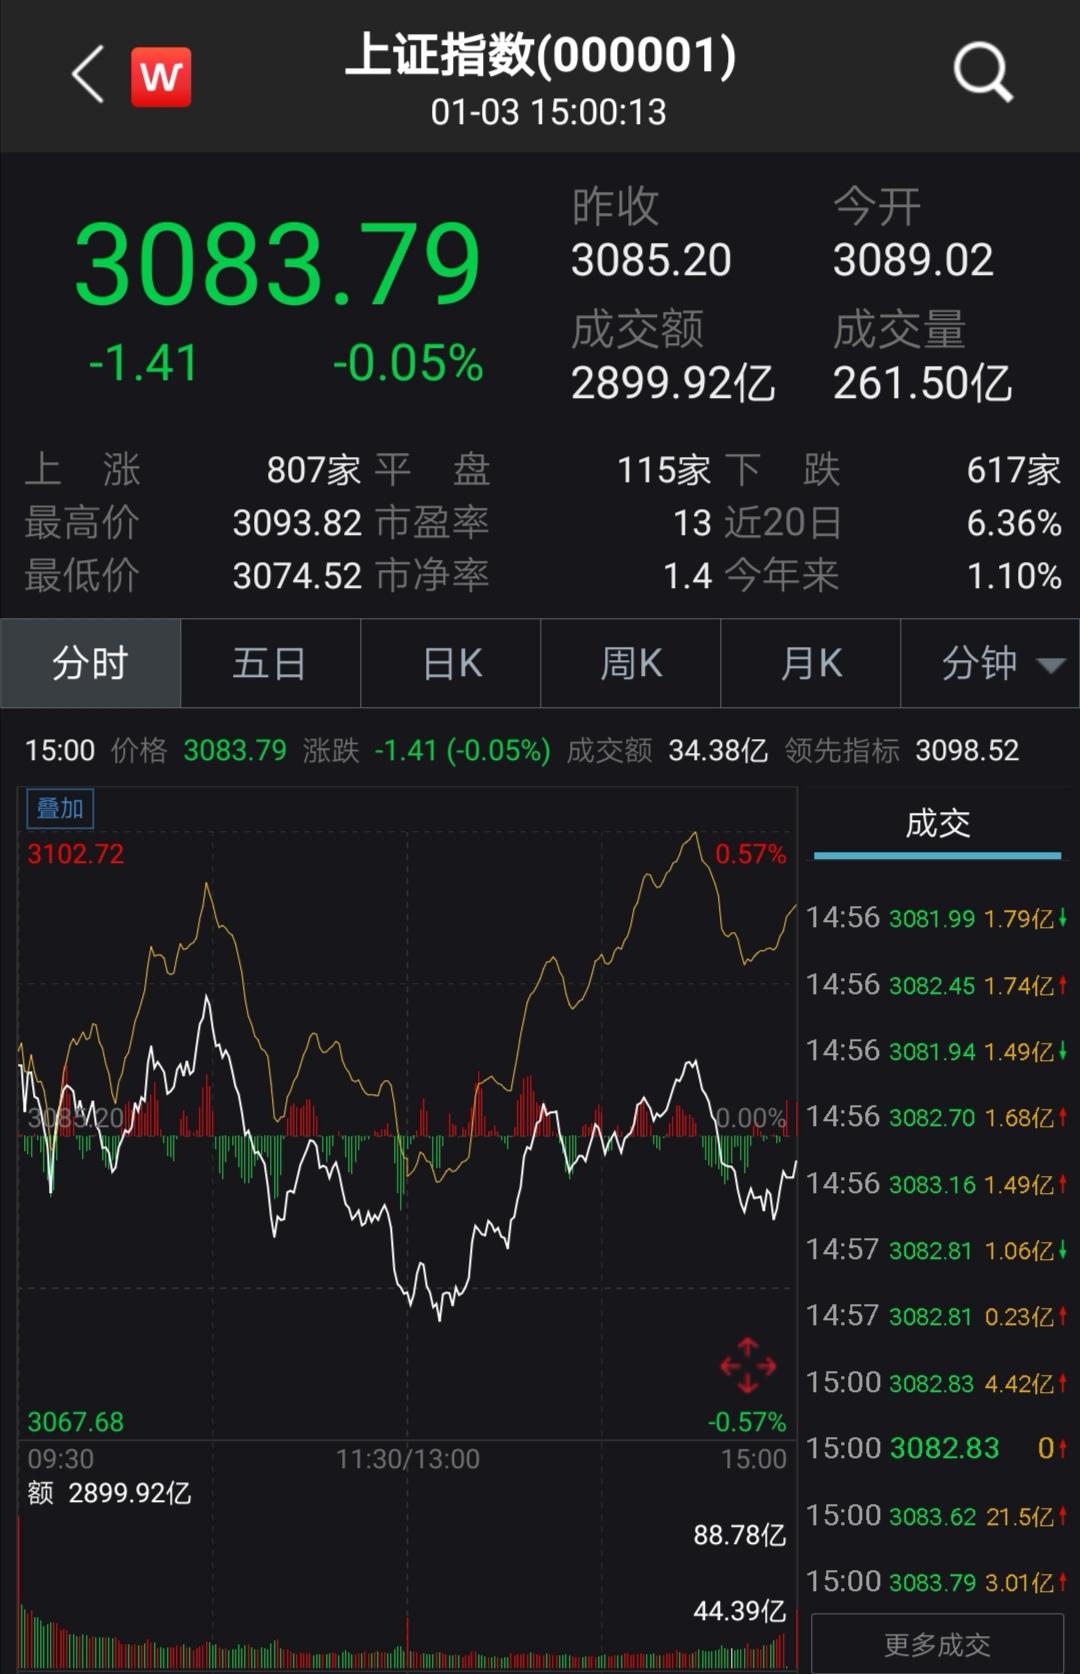 A股小幅盘整:三大指数涨跌不一,种业概念股掀涨停潮